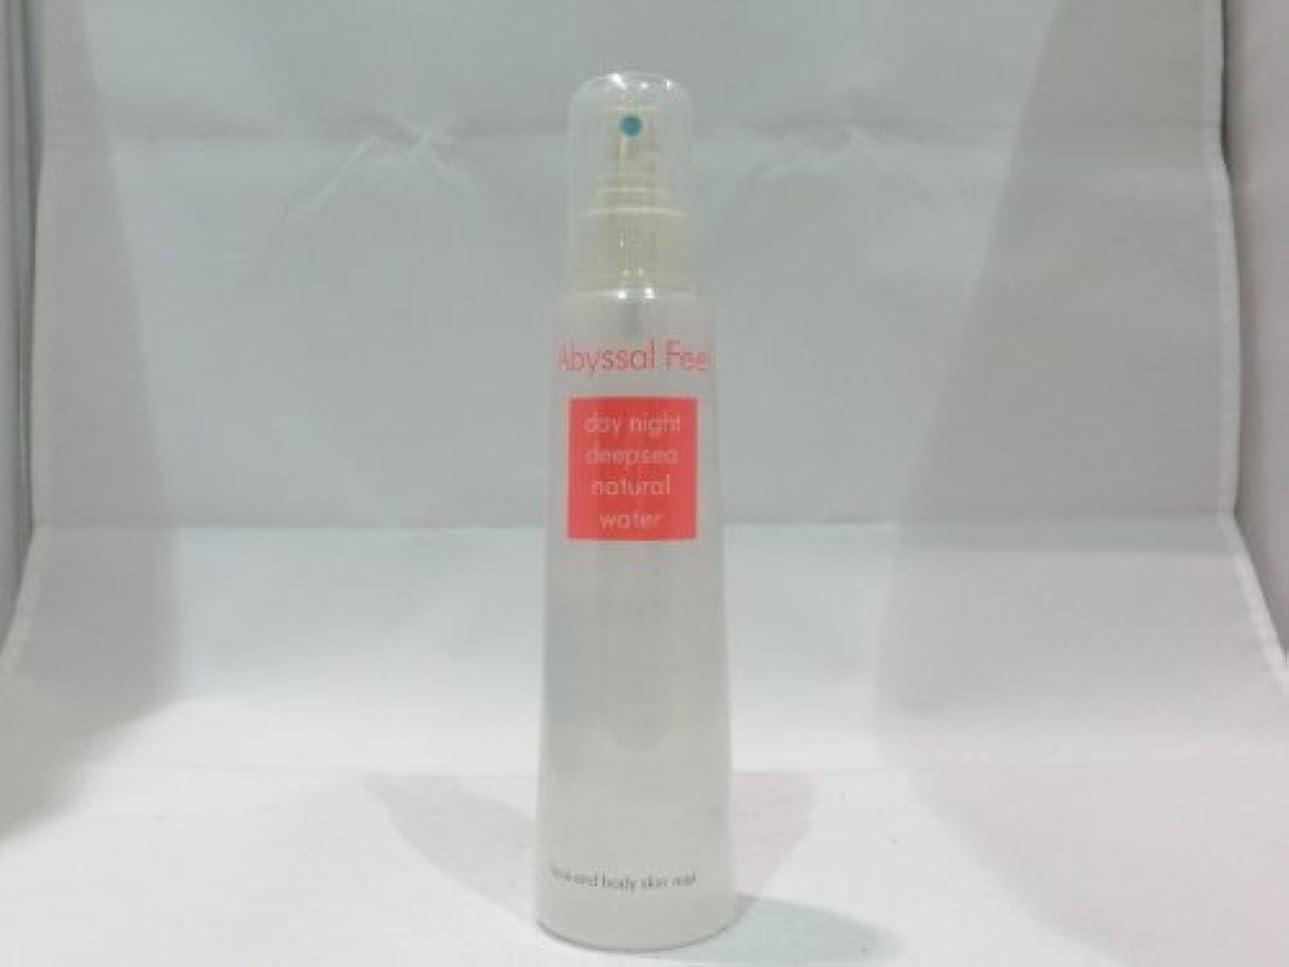 ロケット長くする時々時々【アビサルフィール】 スキンミスト(化粧水) 100ml